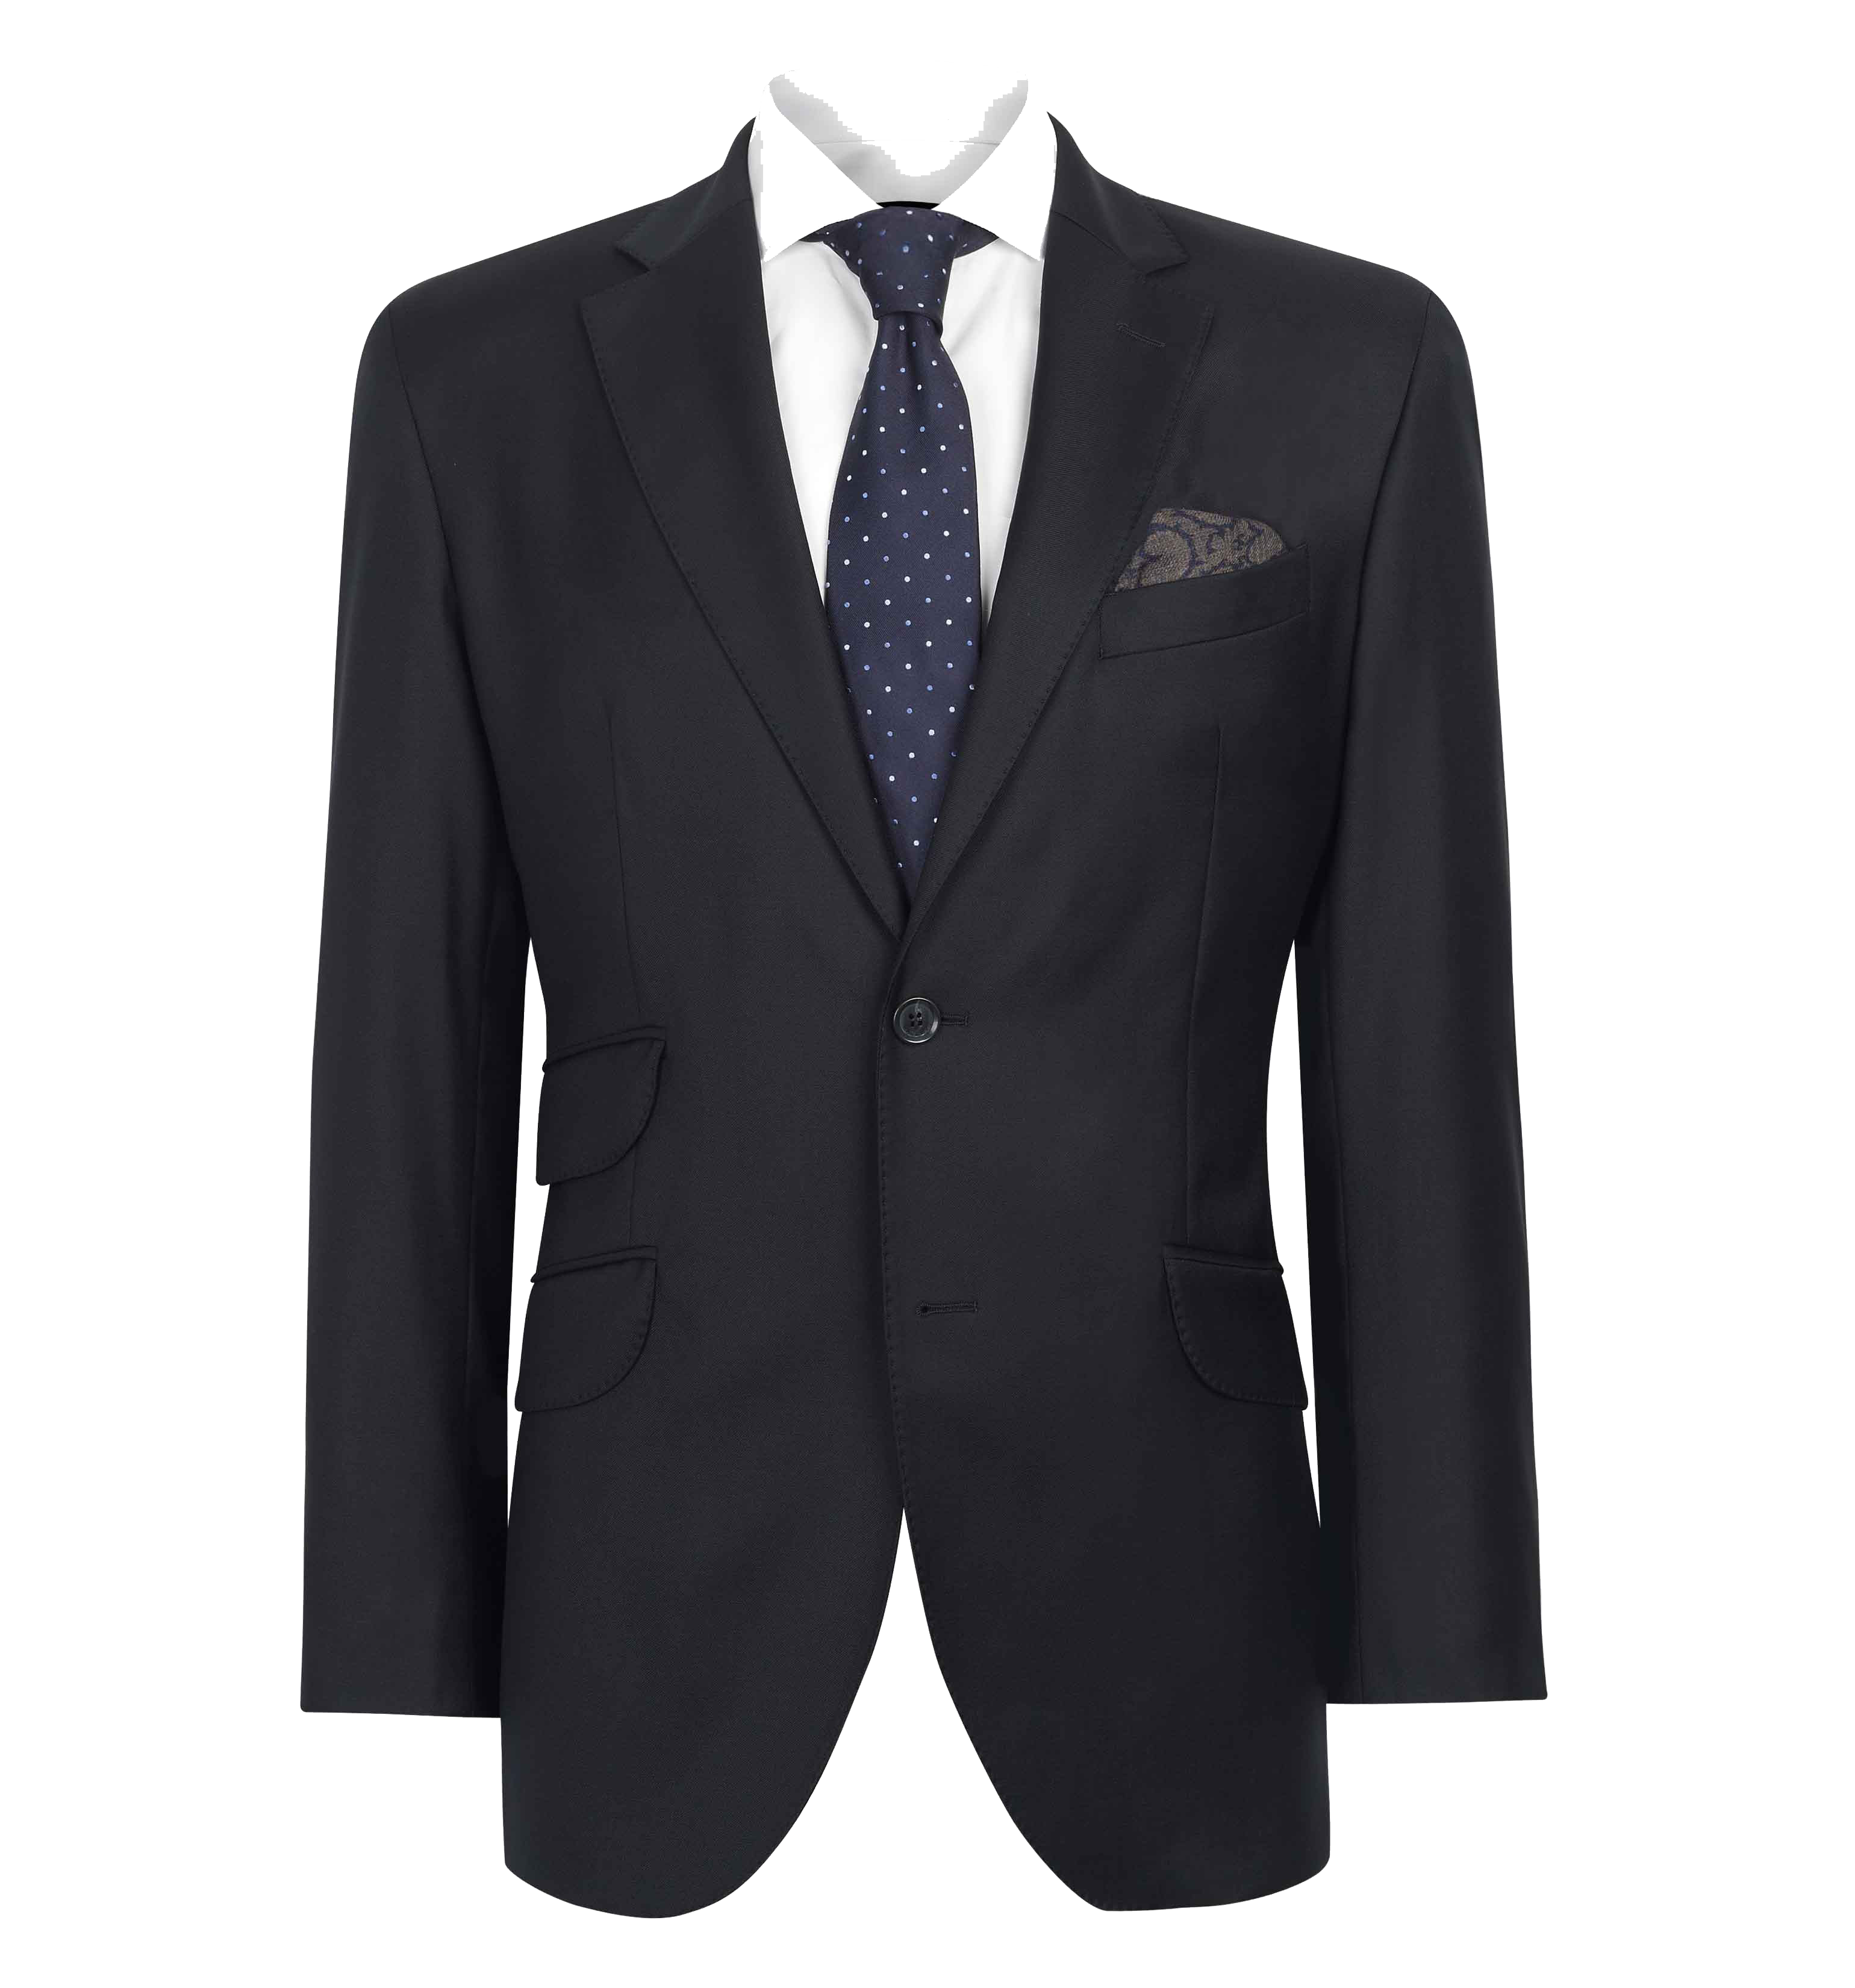 Suit PNG Image - Suit PNG